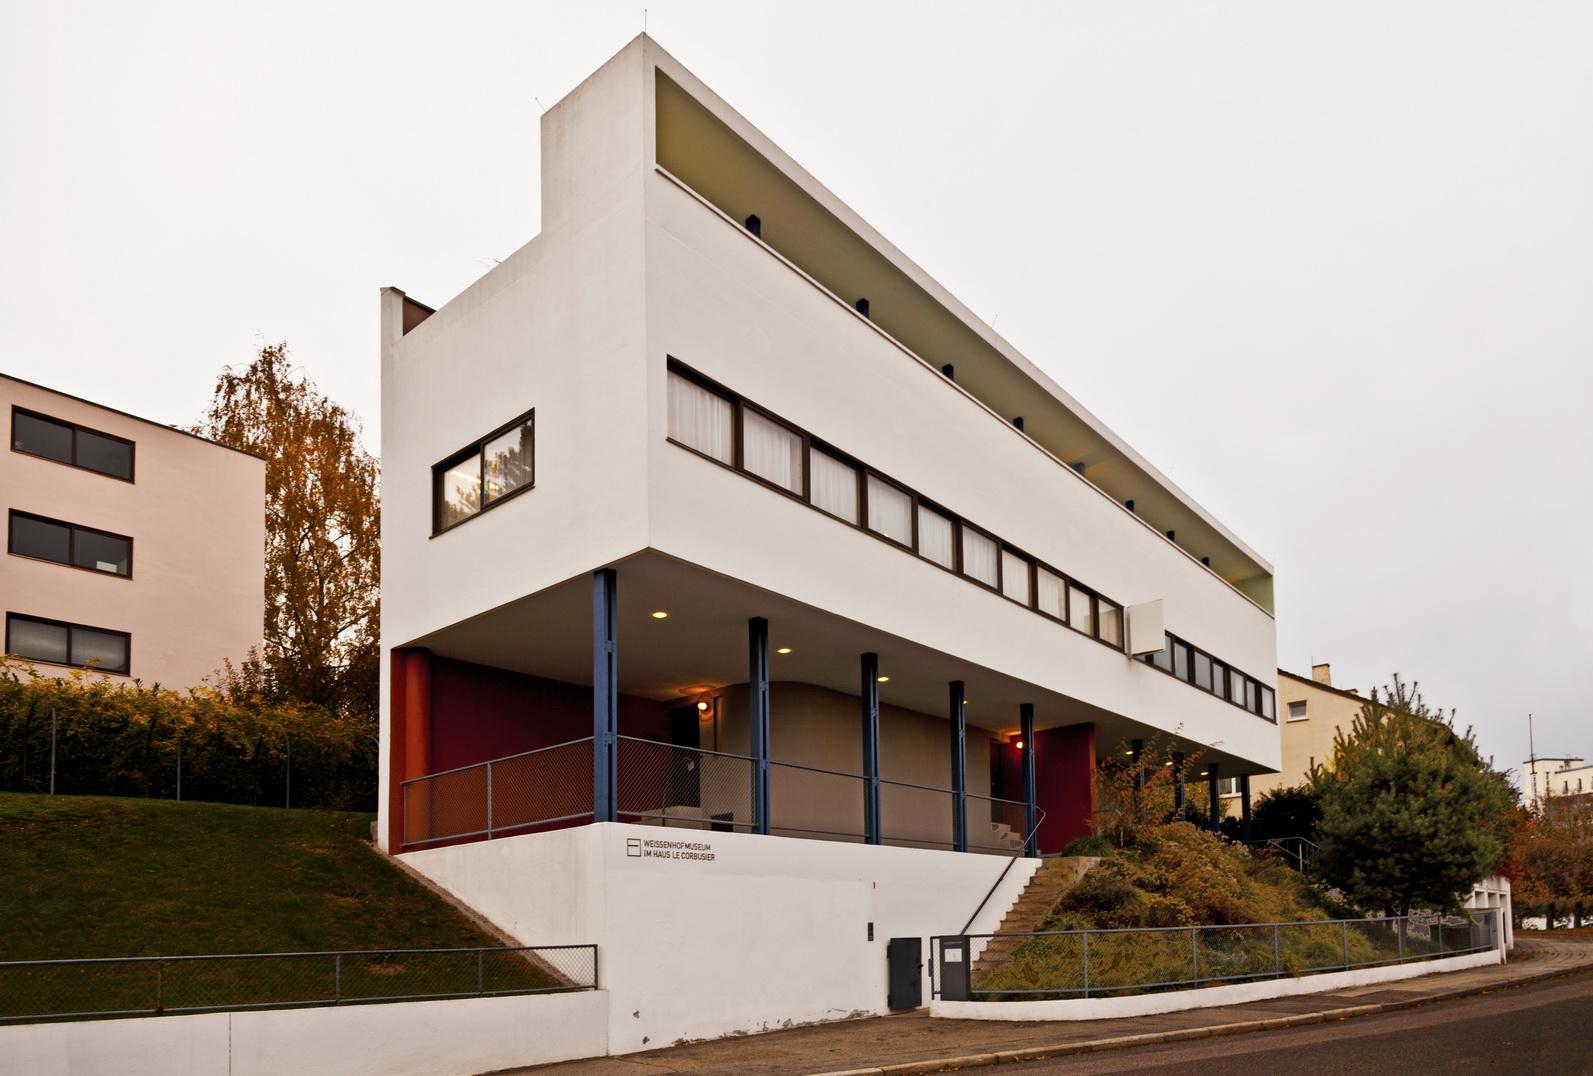 Le Corbusier Weisenhofmuseum